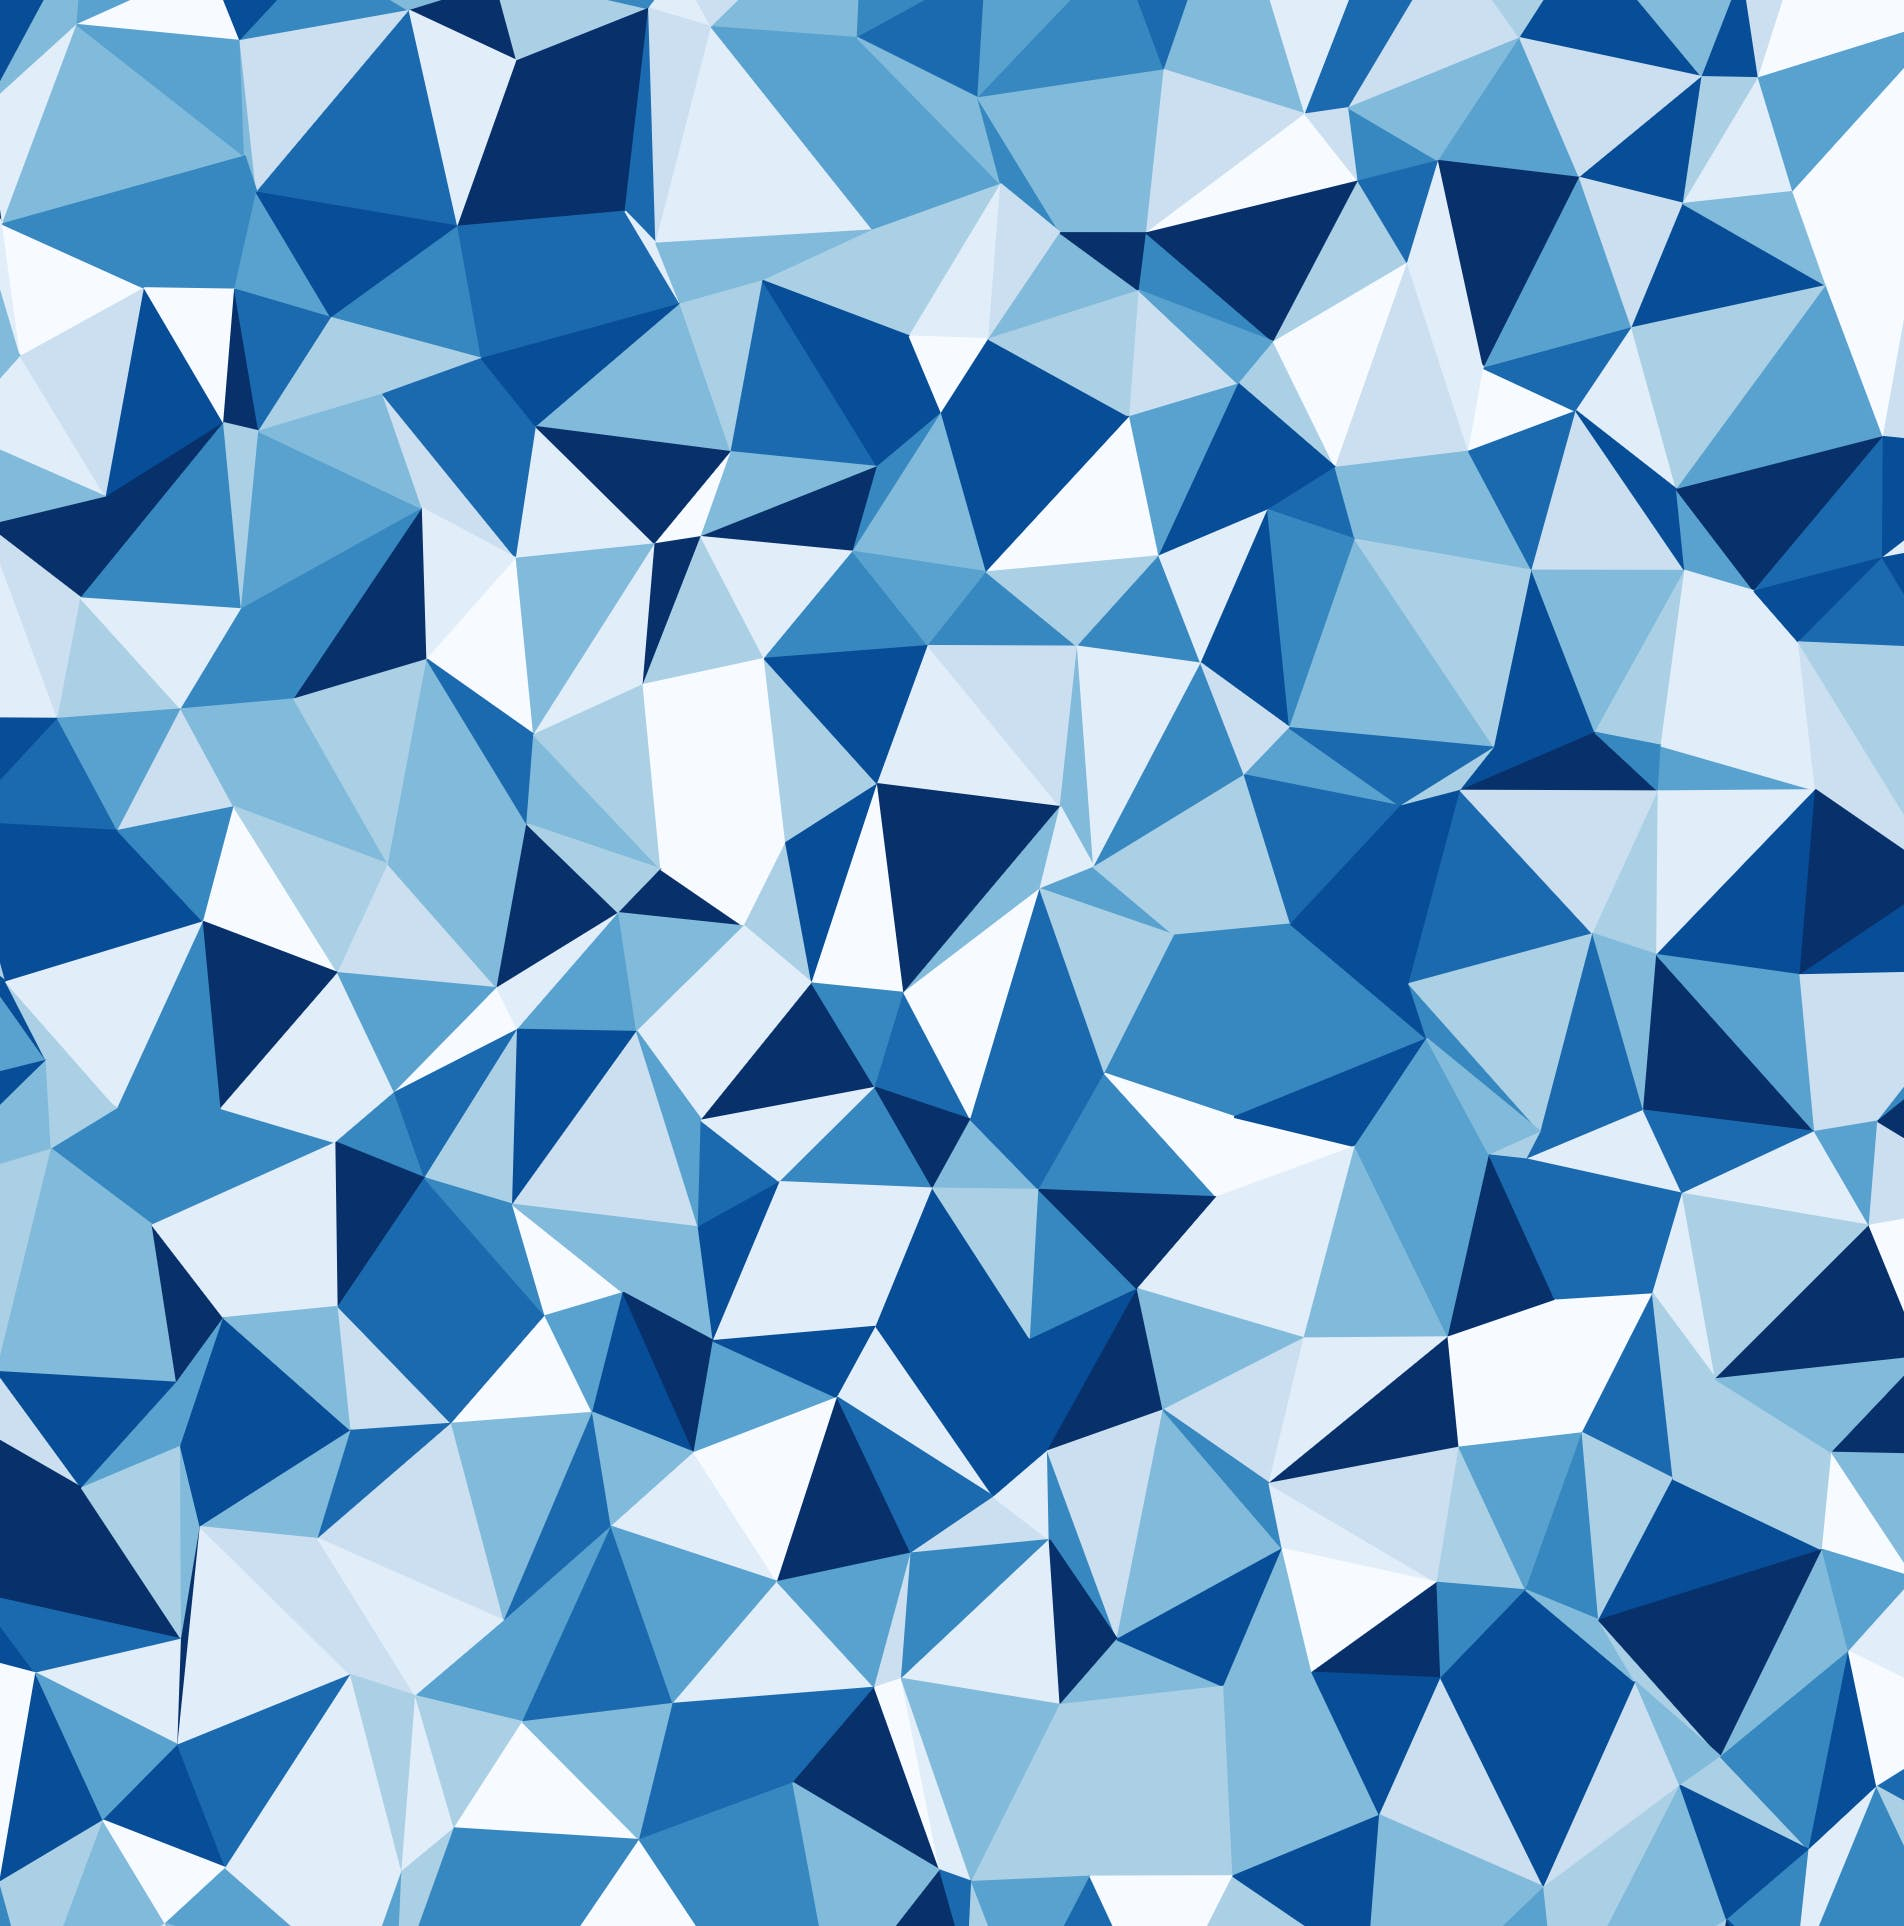 triangular-mesh.png